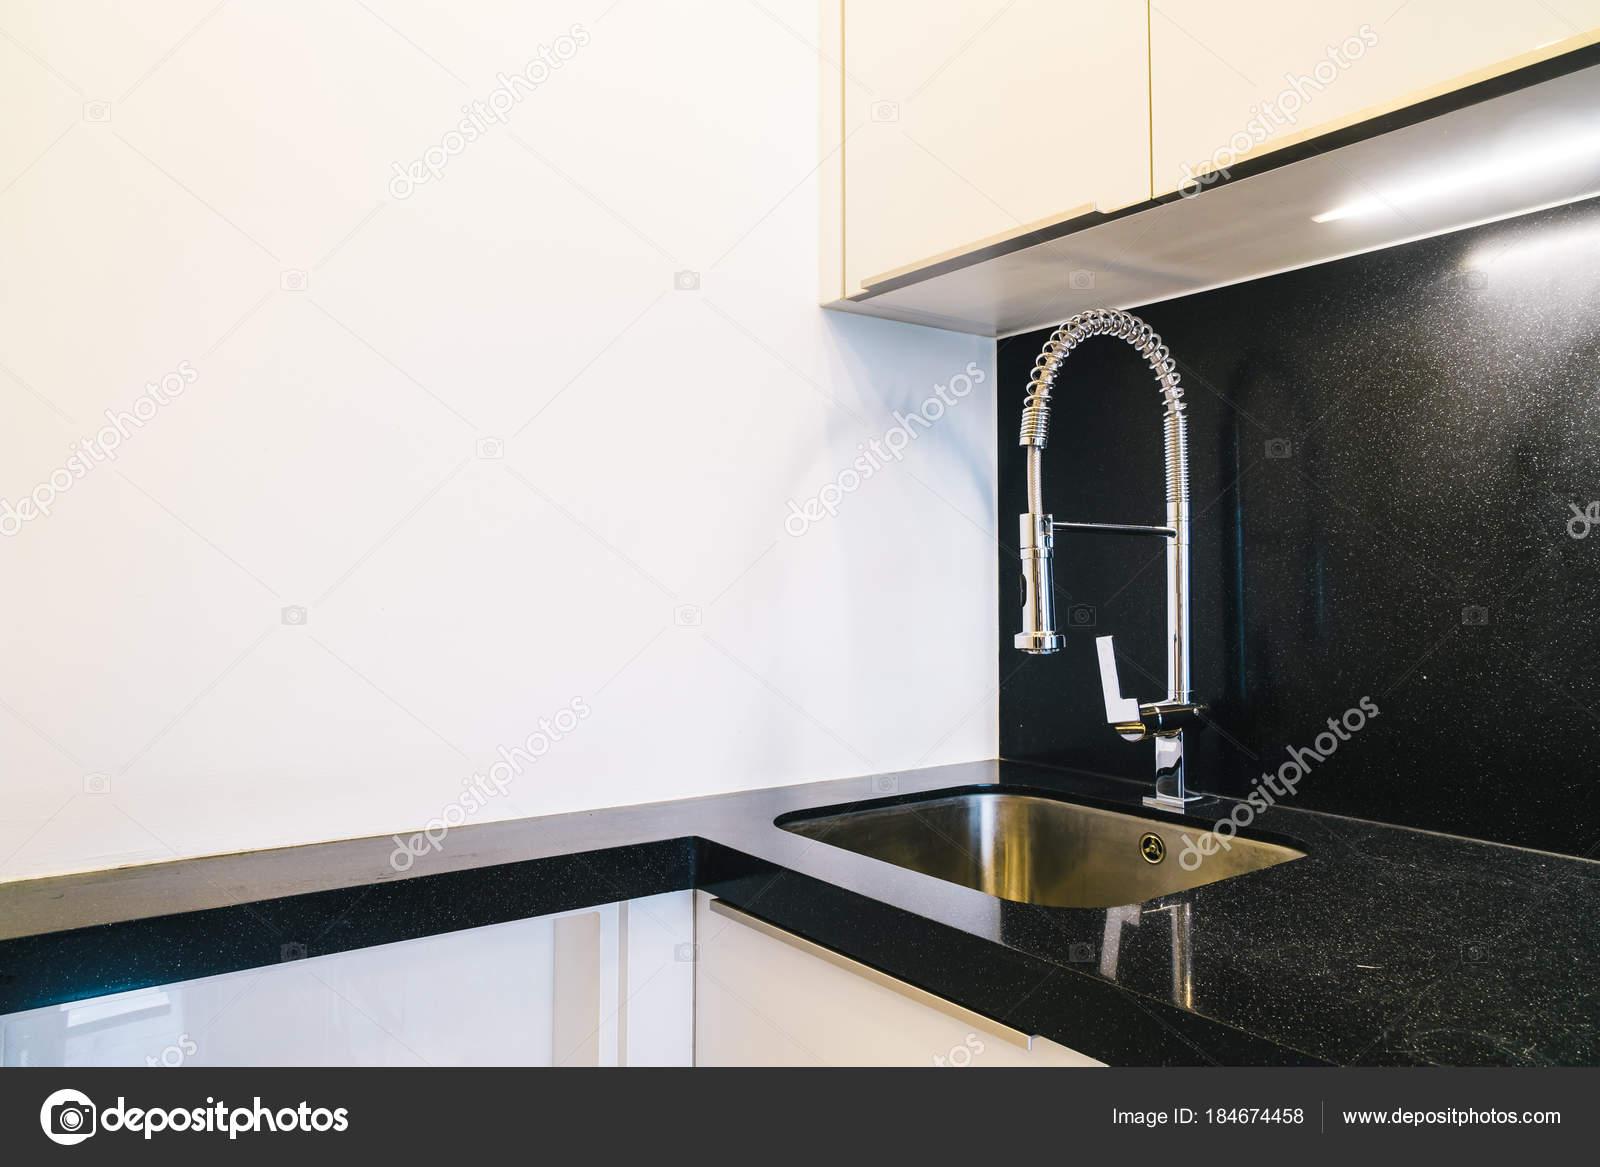 Kraan en wastafel decoratie in de keuken kamer u stockfoto